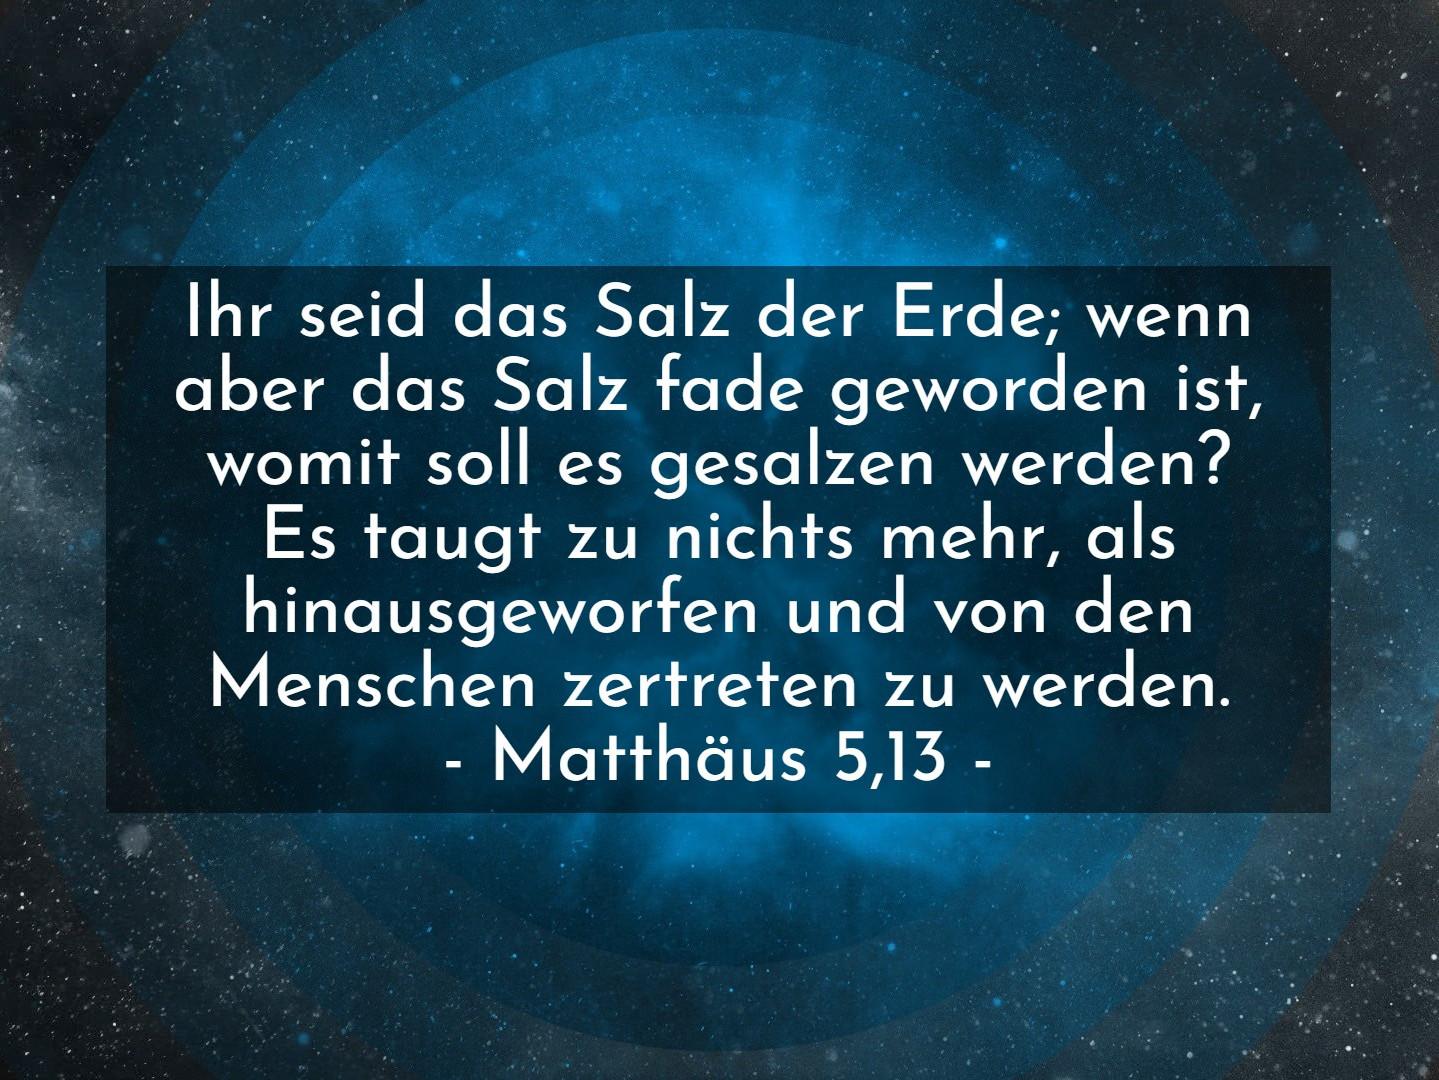 Matthäus 5,13.jpeg